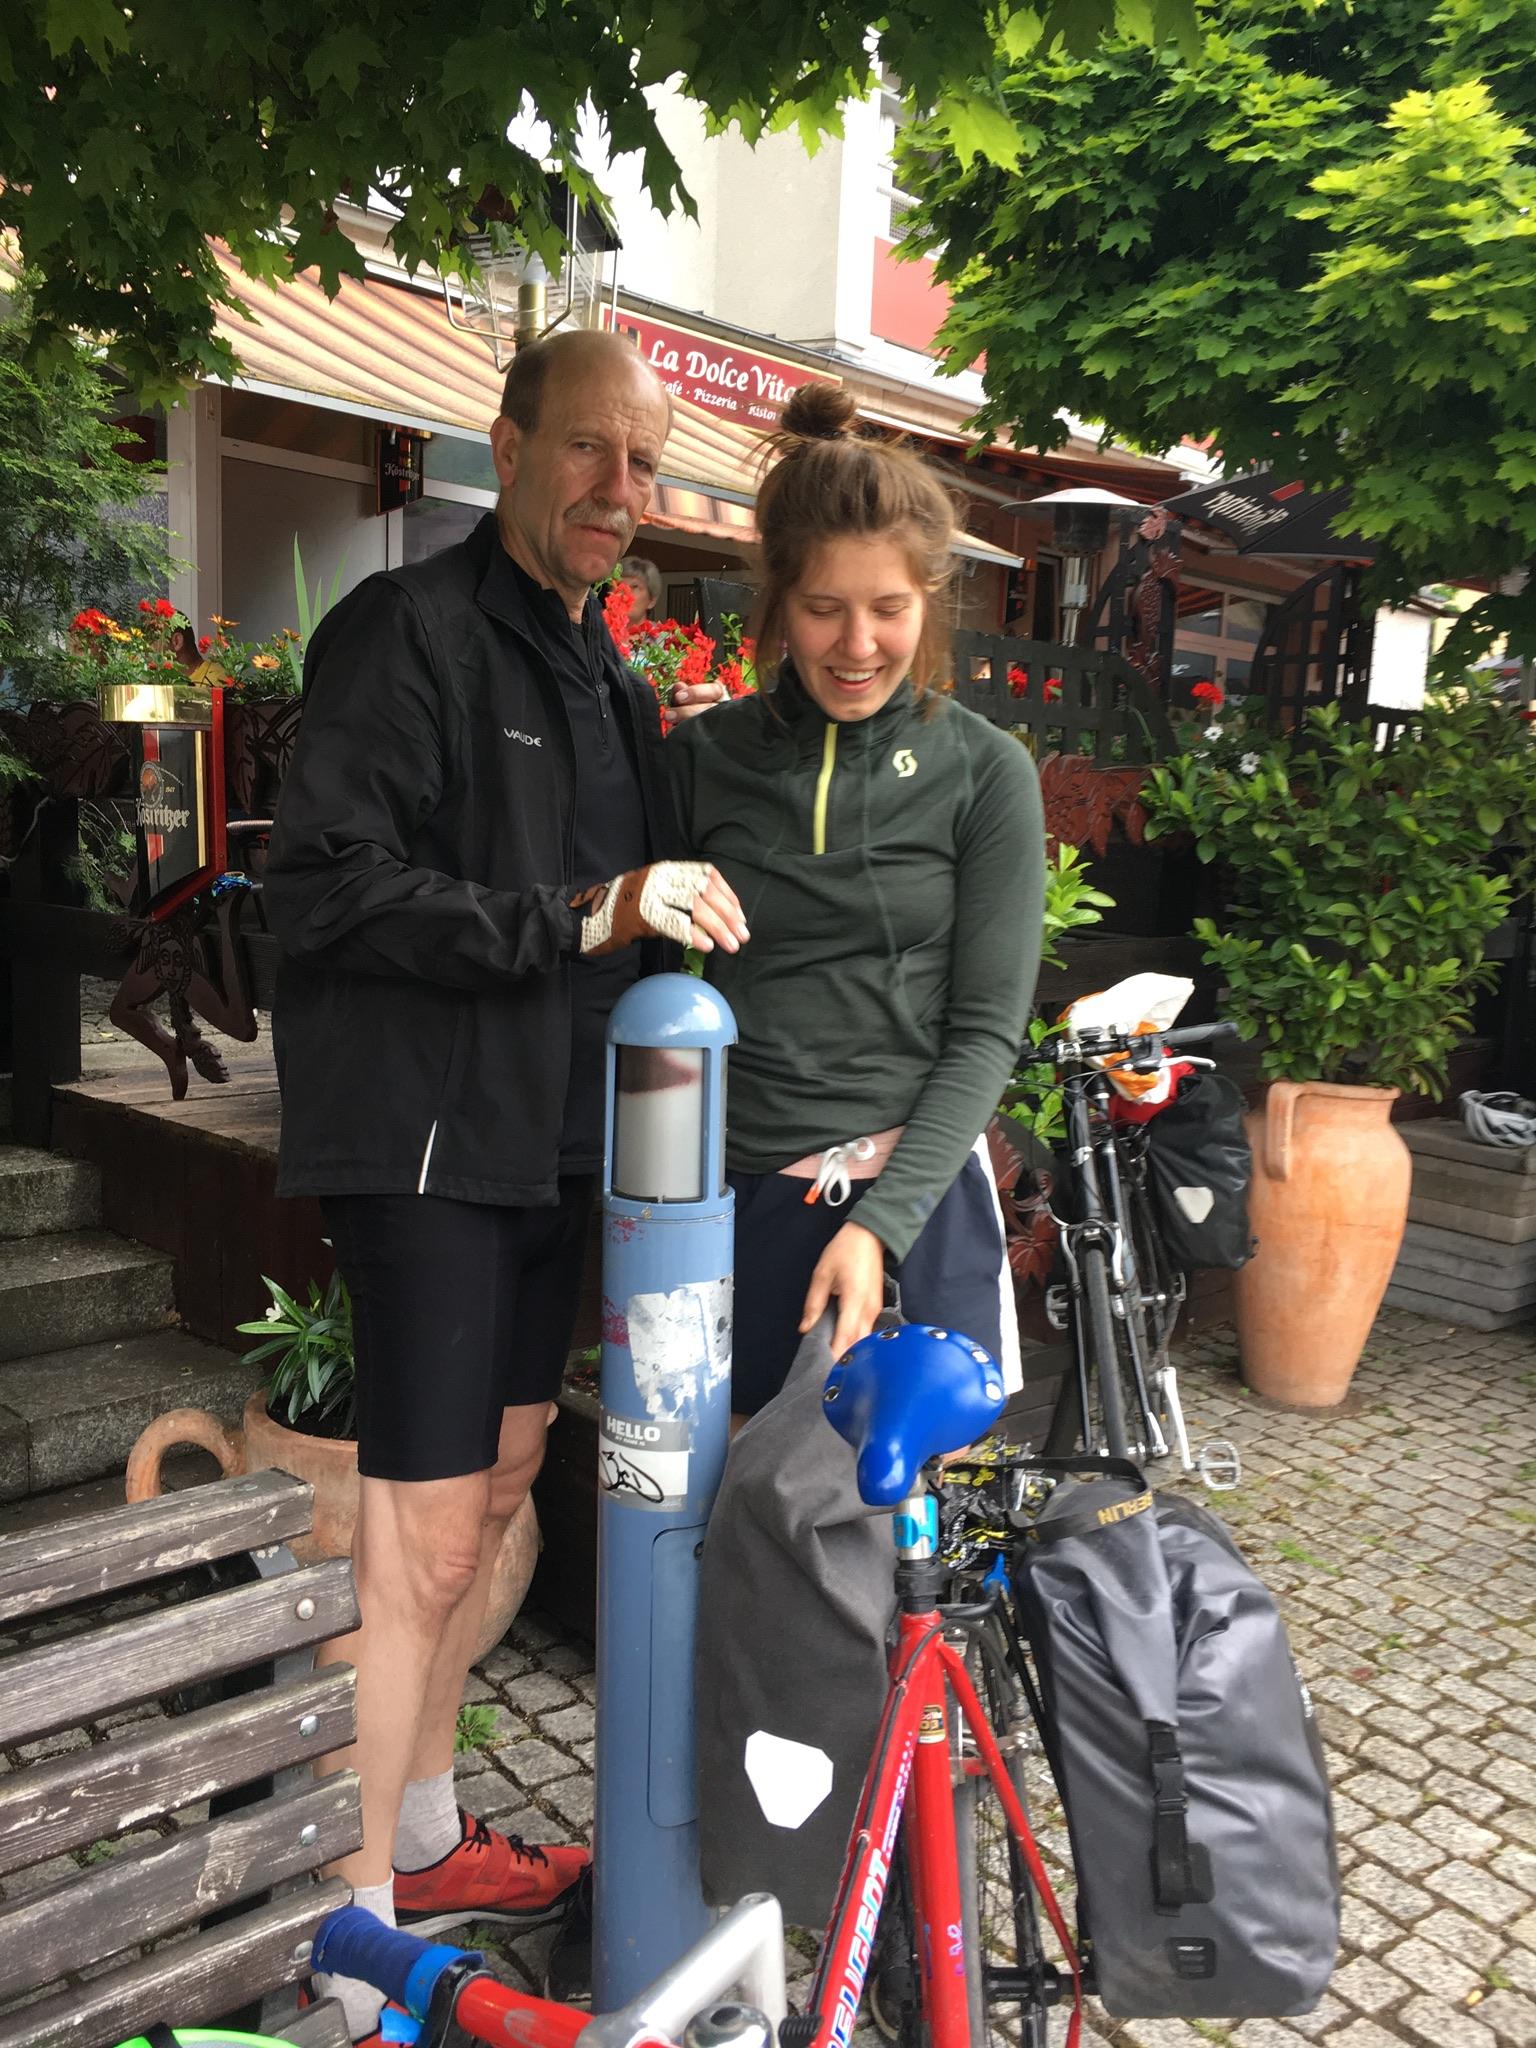 Zwei Menschen vor einer Gaststätte in Gotha